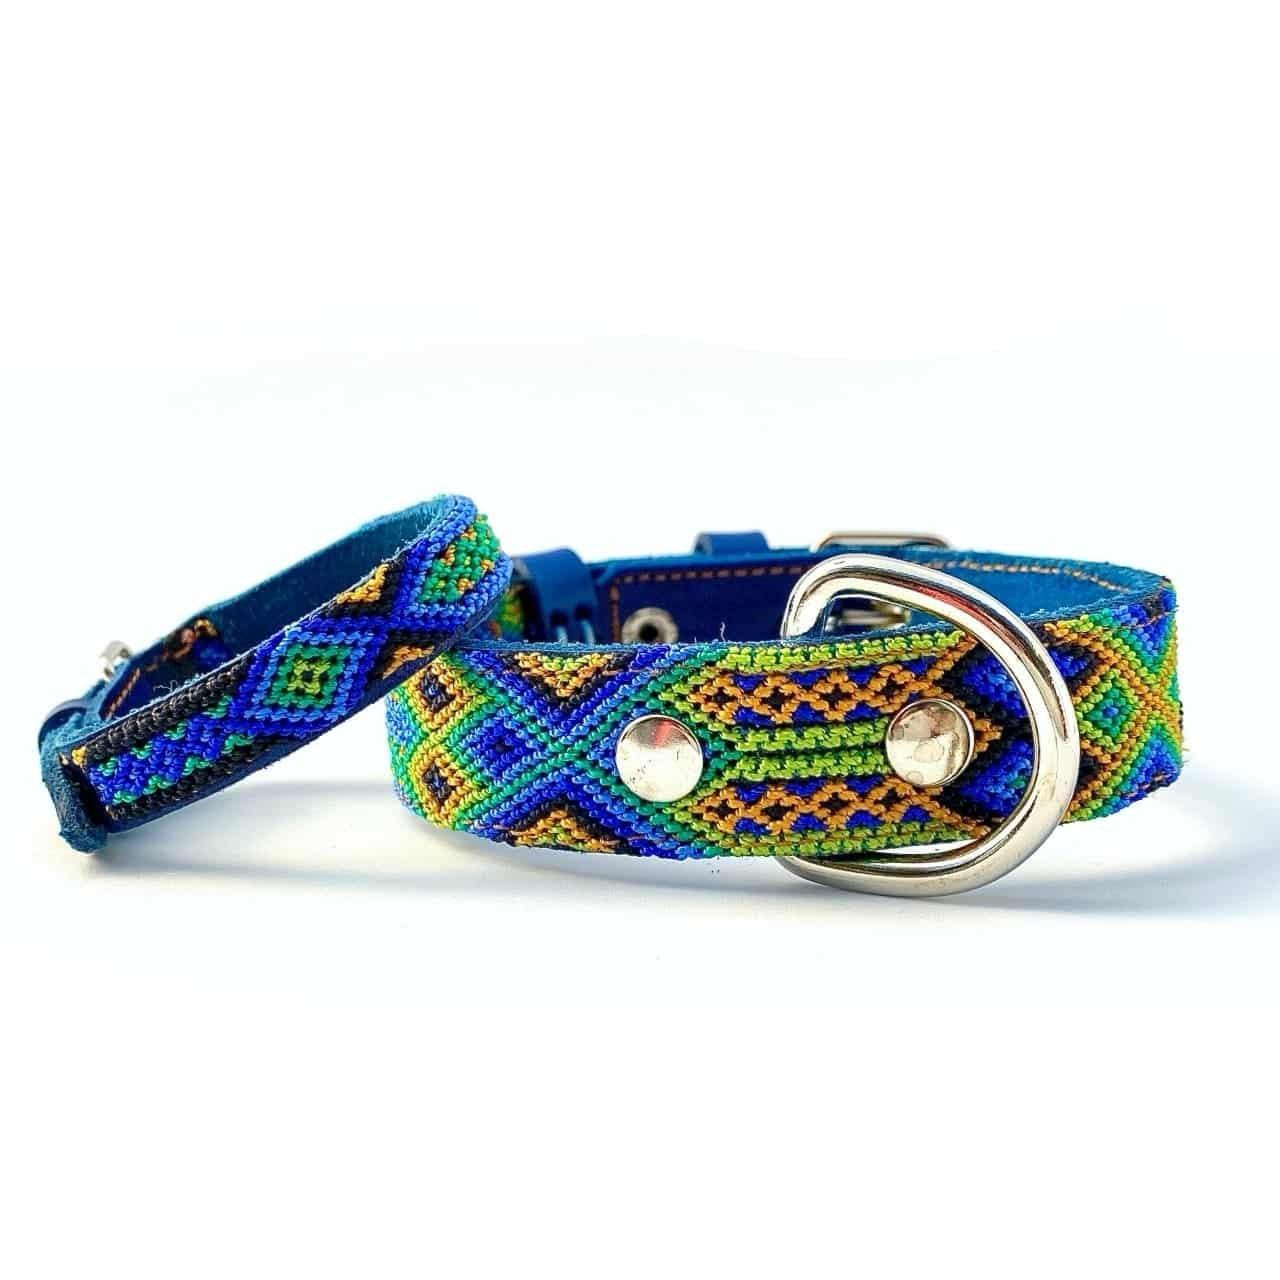 犬の首輪 & 飼い主用ブレスレット付き -サイズS- [ブルー/グリーン]